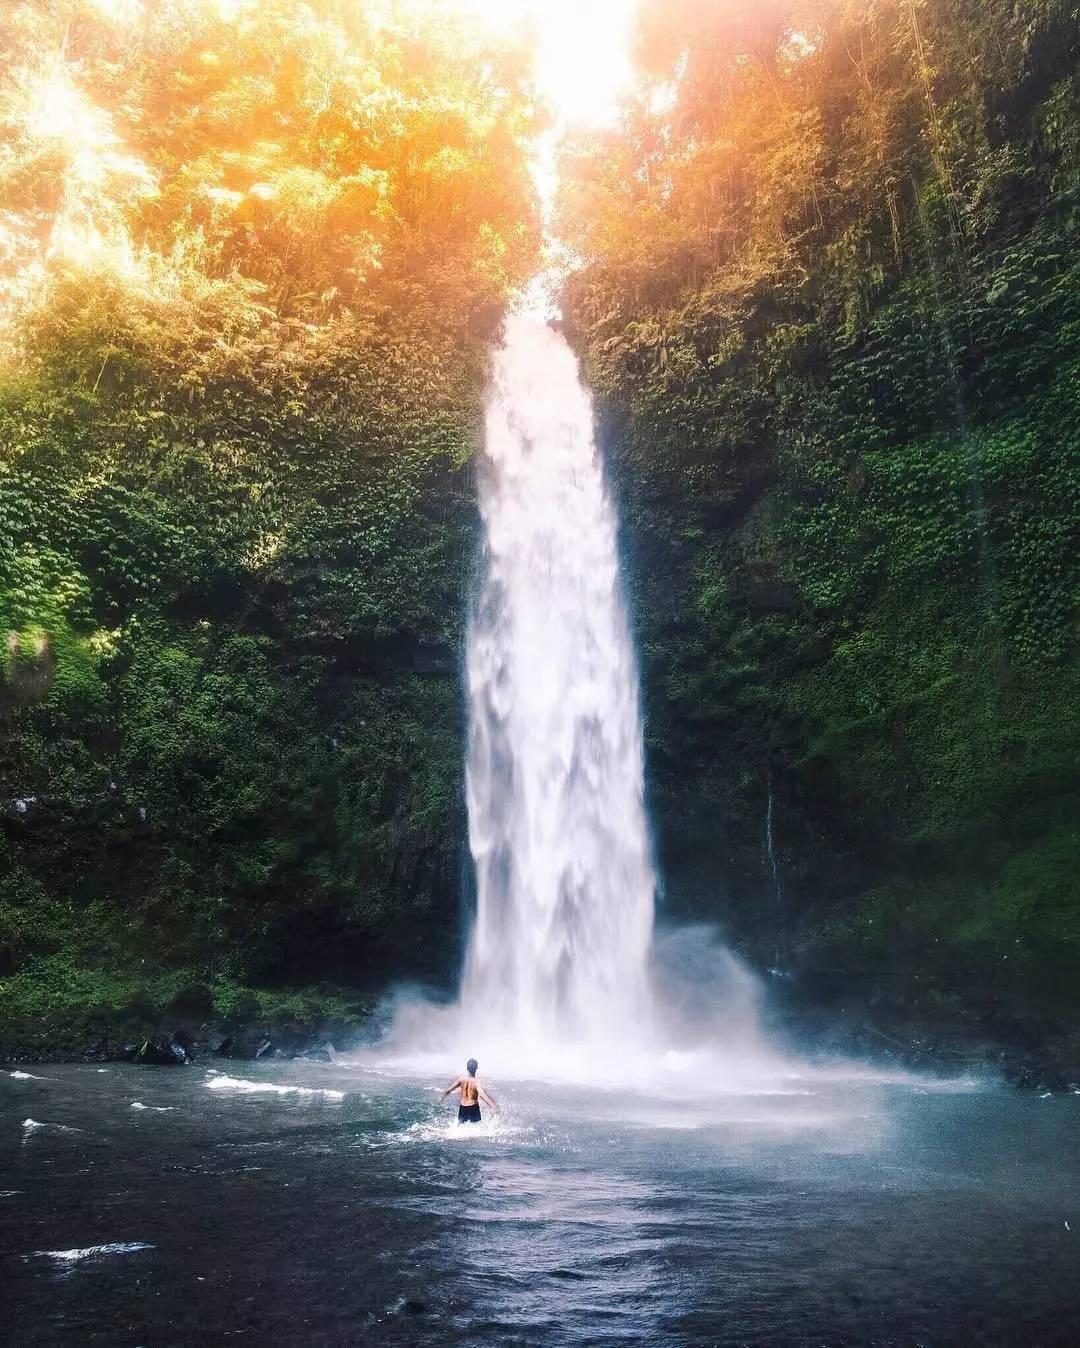 巴厘岛最美瀑布路线 爬上瀑布大约需要15分钟,而在瀑布下方是天然的